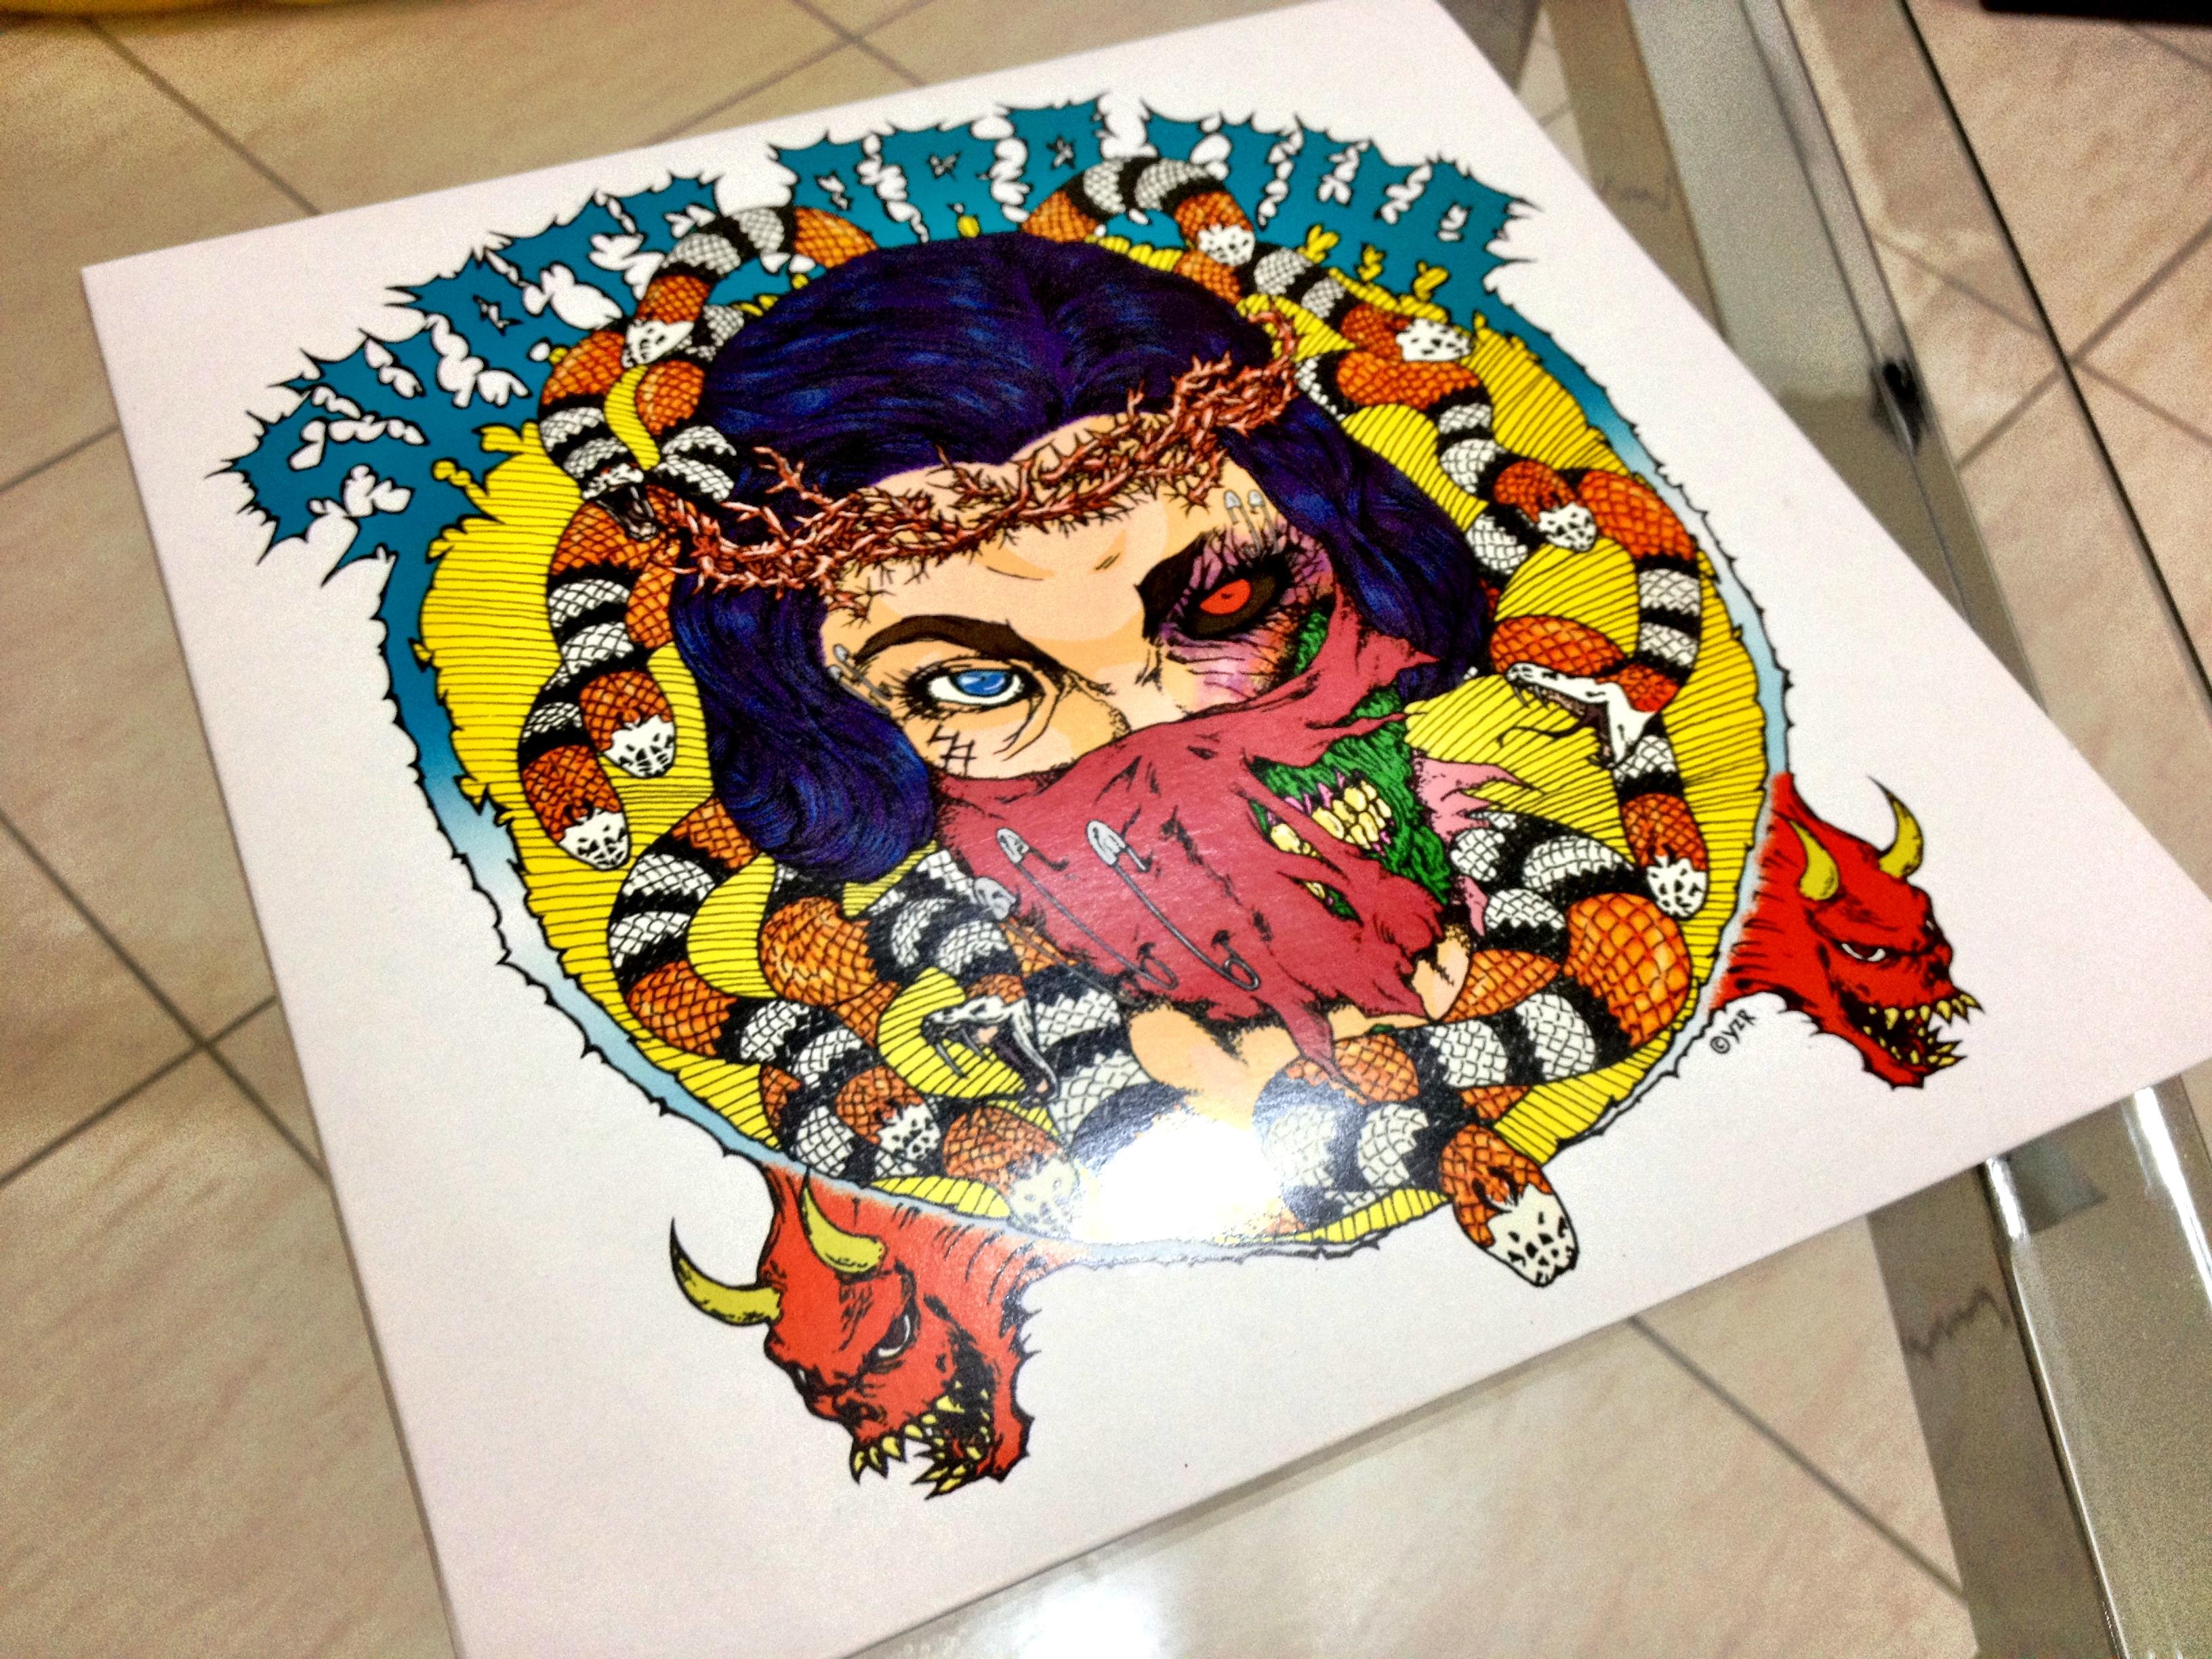 Skate Aranha - Evil & Dead